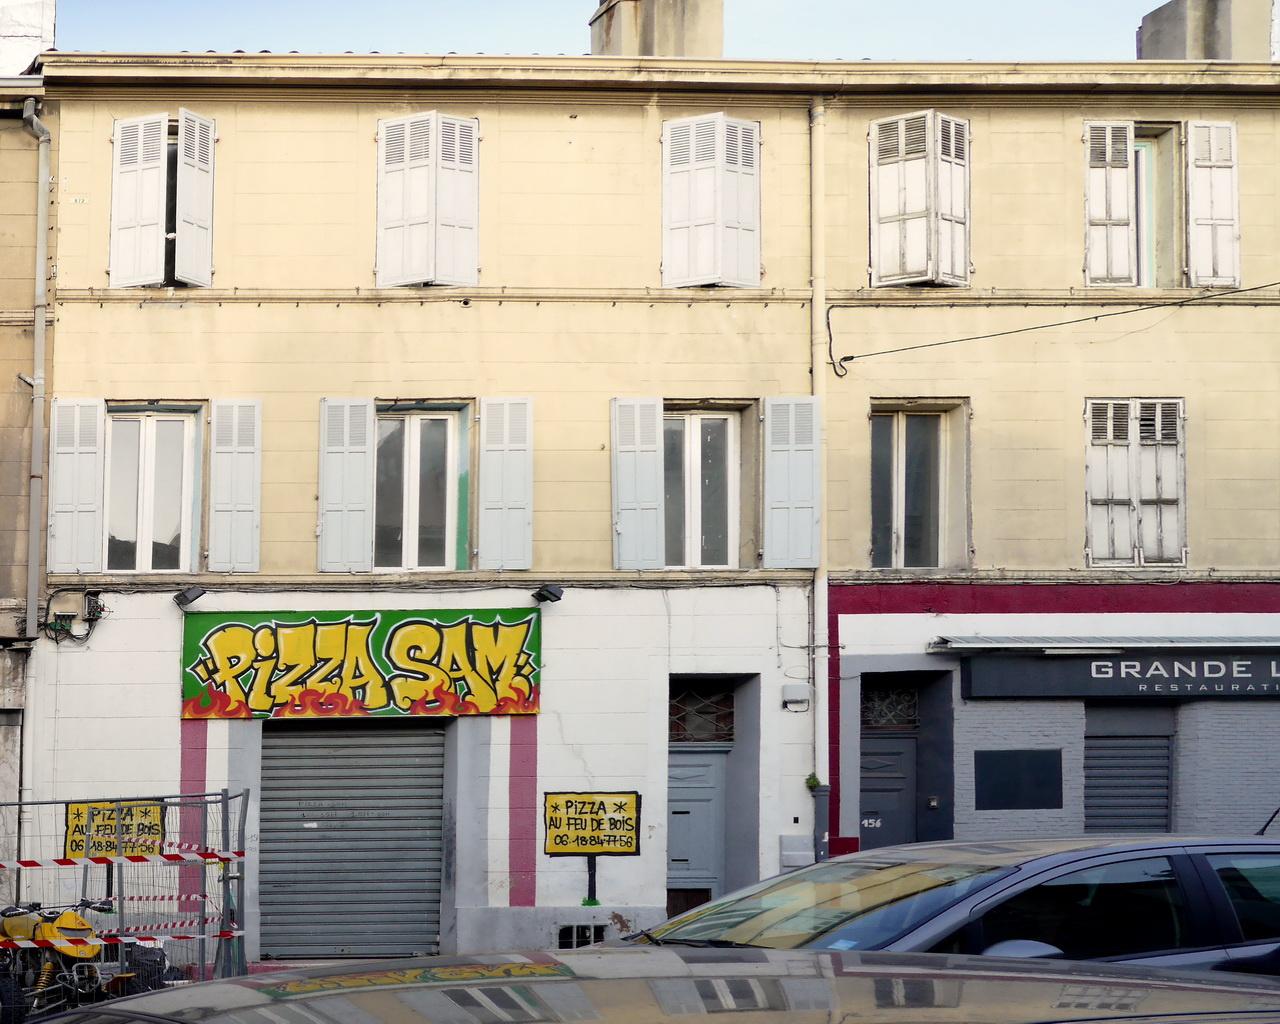 Vente euromediterranee 399000 euros immeuble r plus 2 for 3 fenetres marseillais